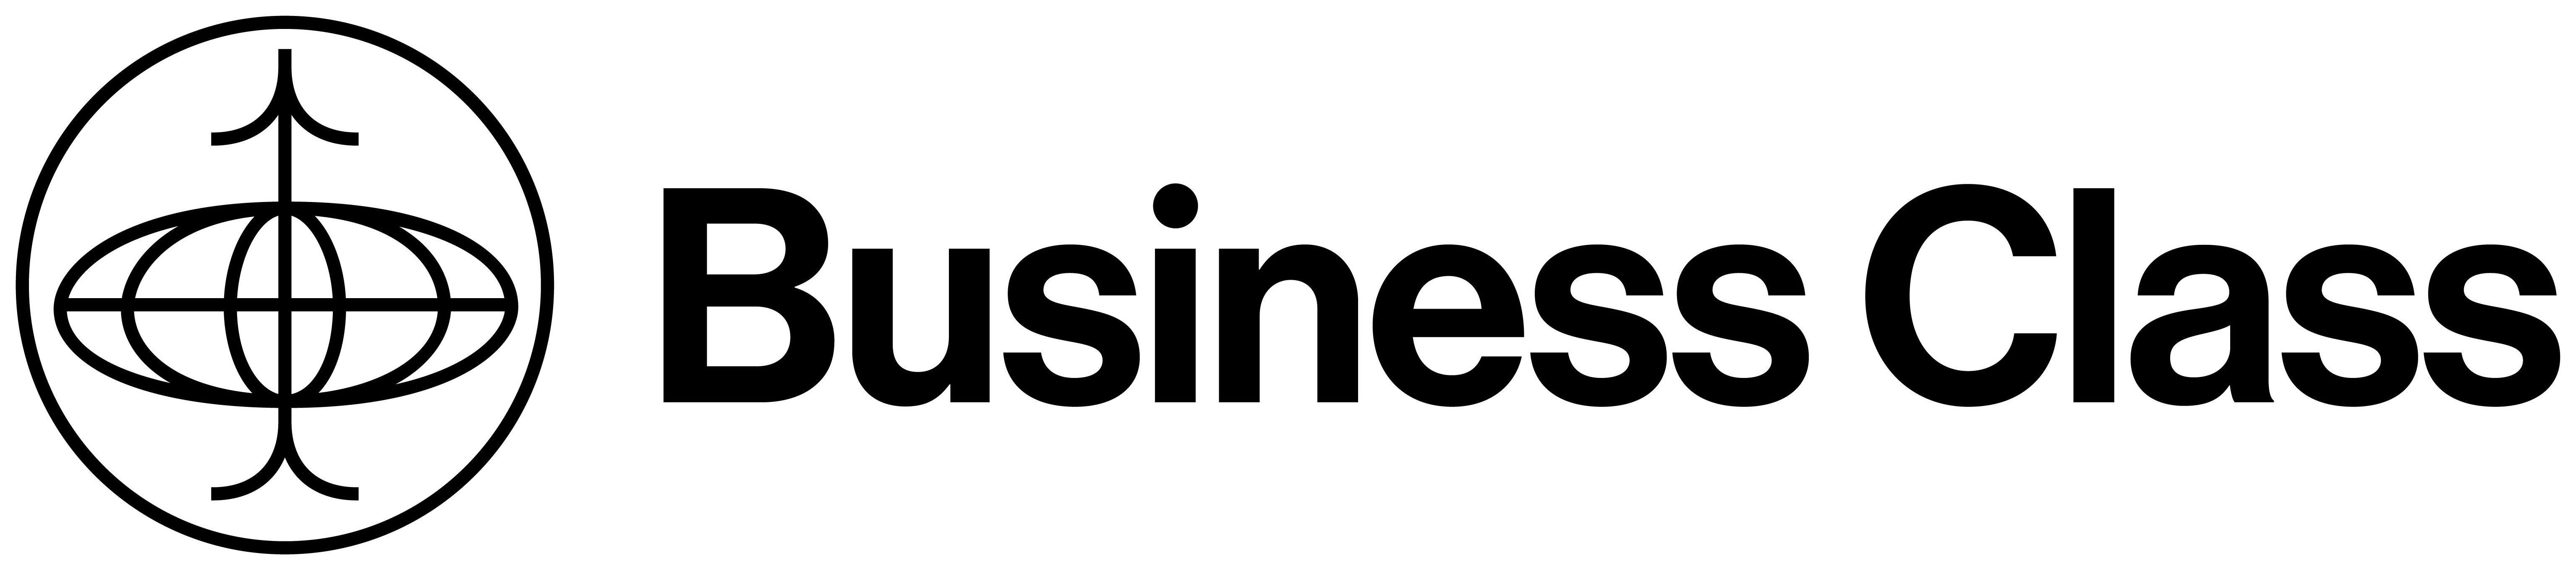 Trademark Logo BUSINESS CLASS